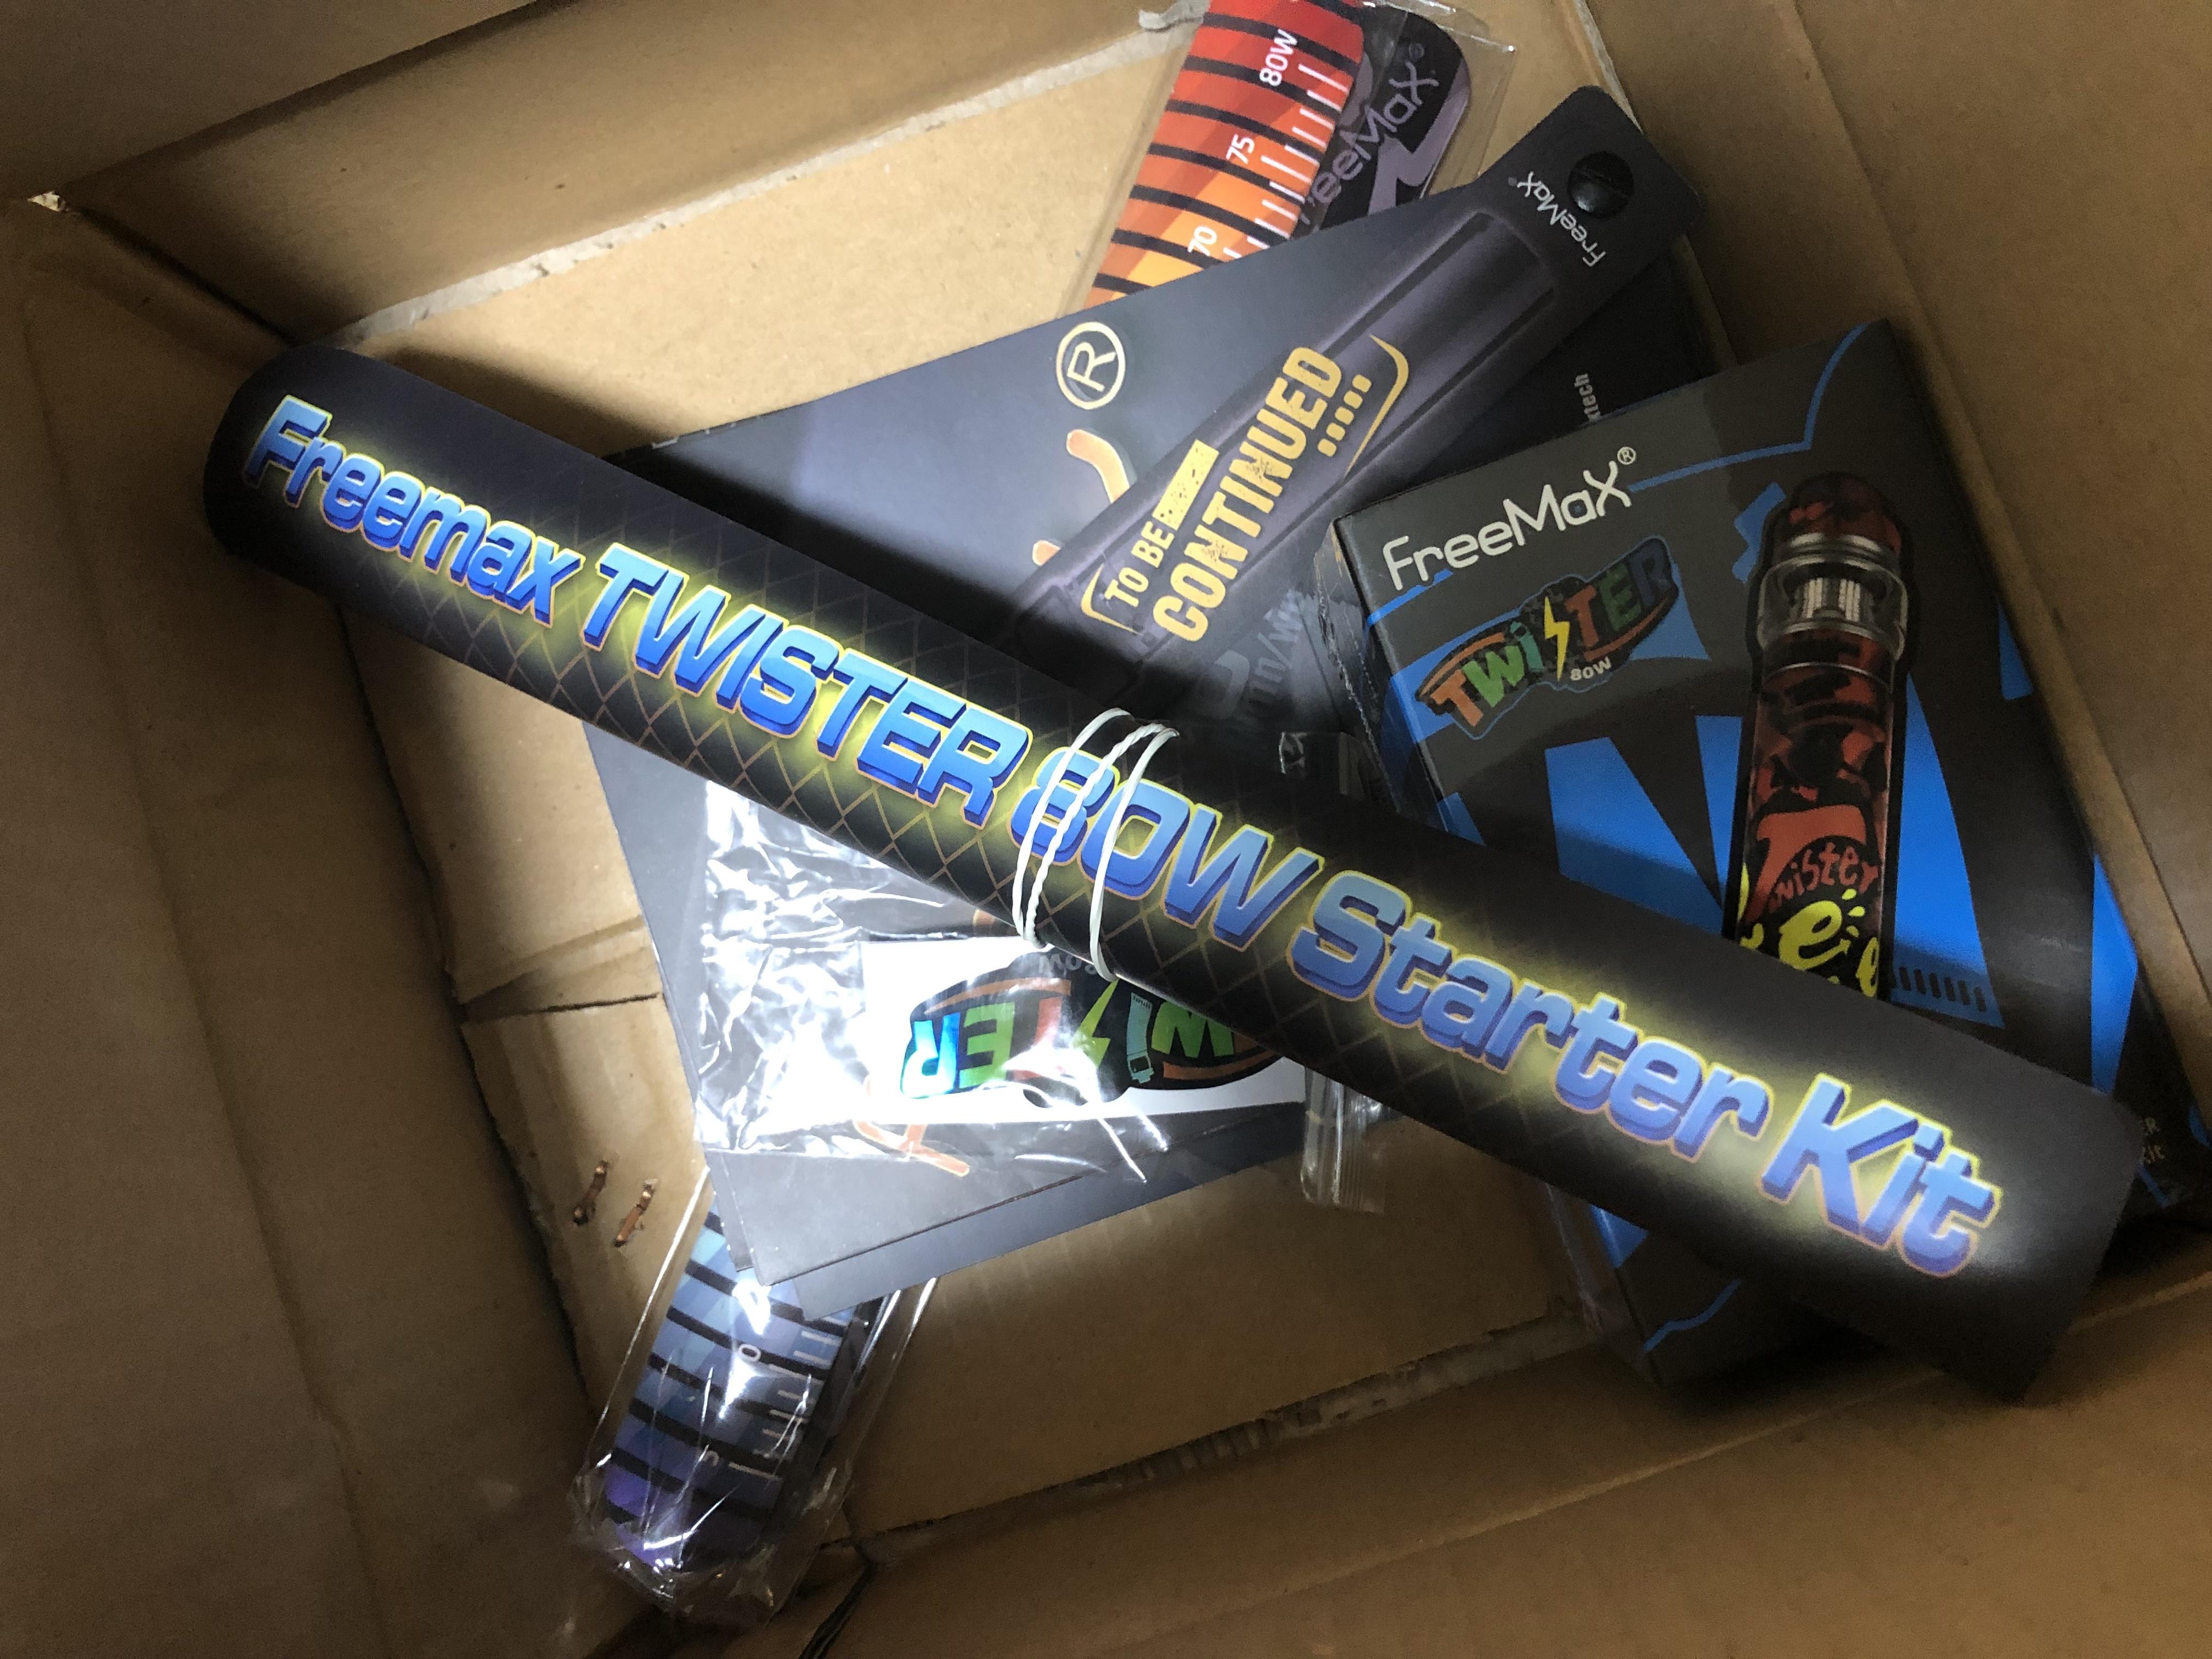 20190210 084831850 iOS - 【レビュー】Freemax社謹製!Twister 80W 爆煙 Starter Kit+タンクセットを吸ってFreemaxの本気モードを感じた